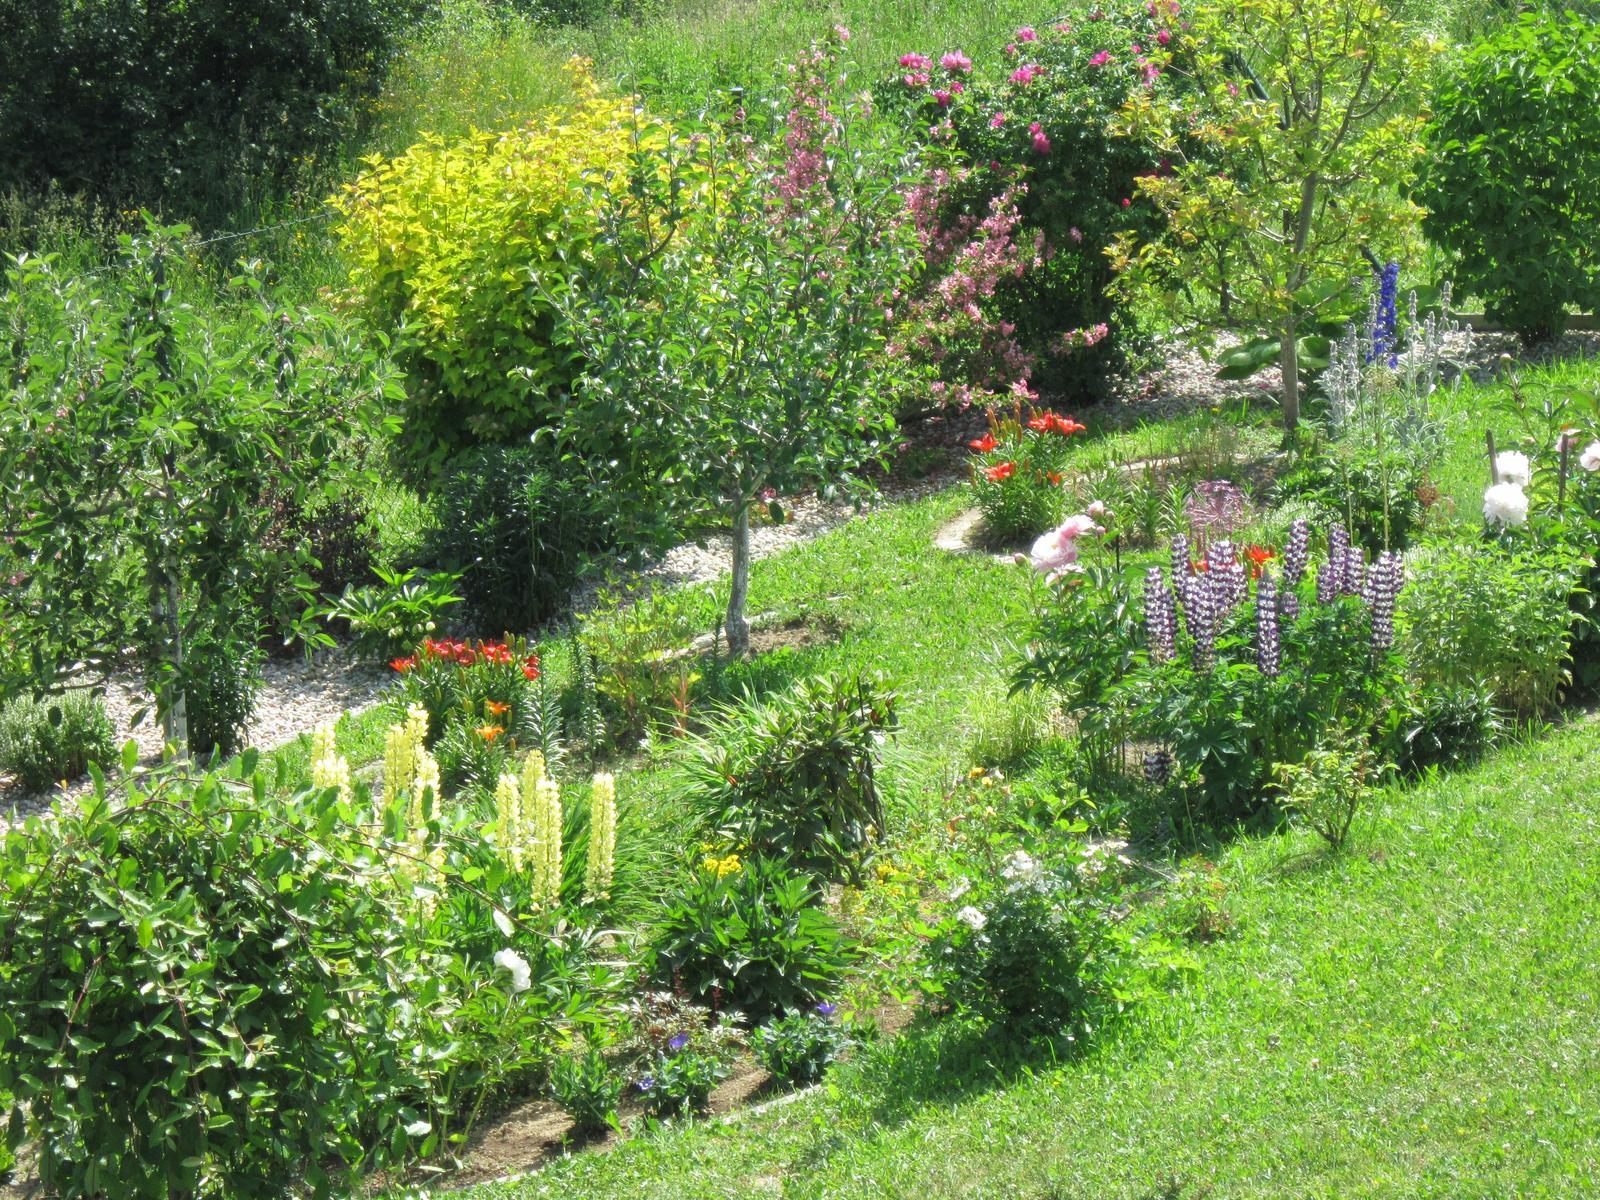 Pozvanie do našej jarnej záhrady - Obrázok č. 49